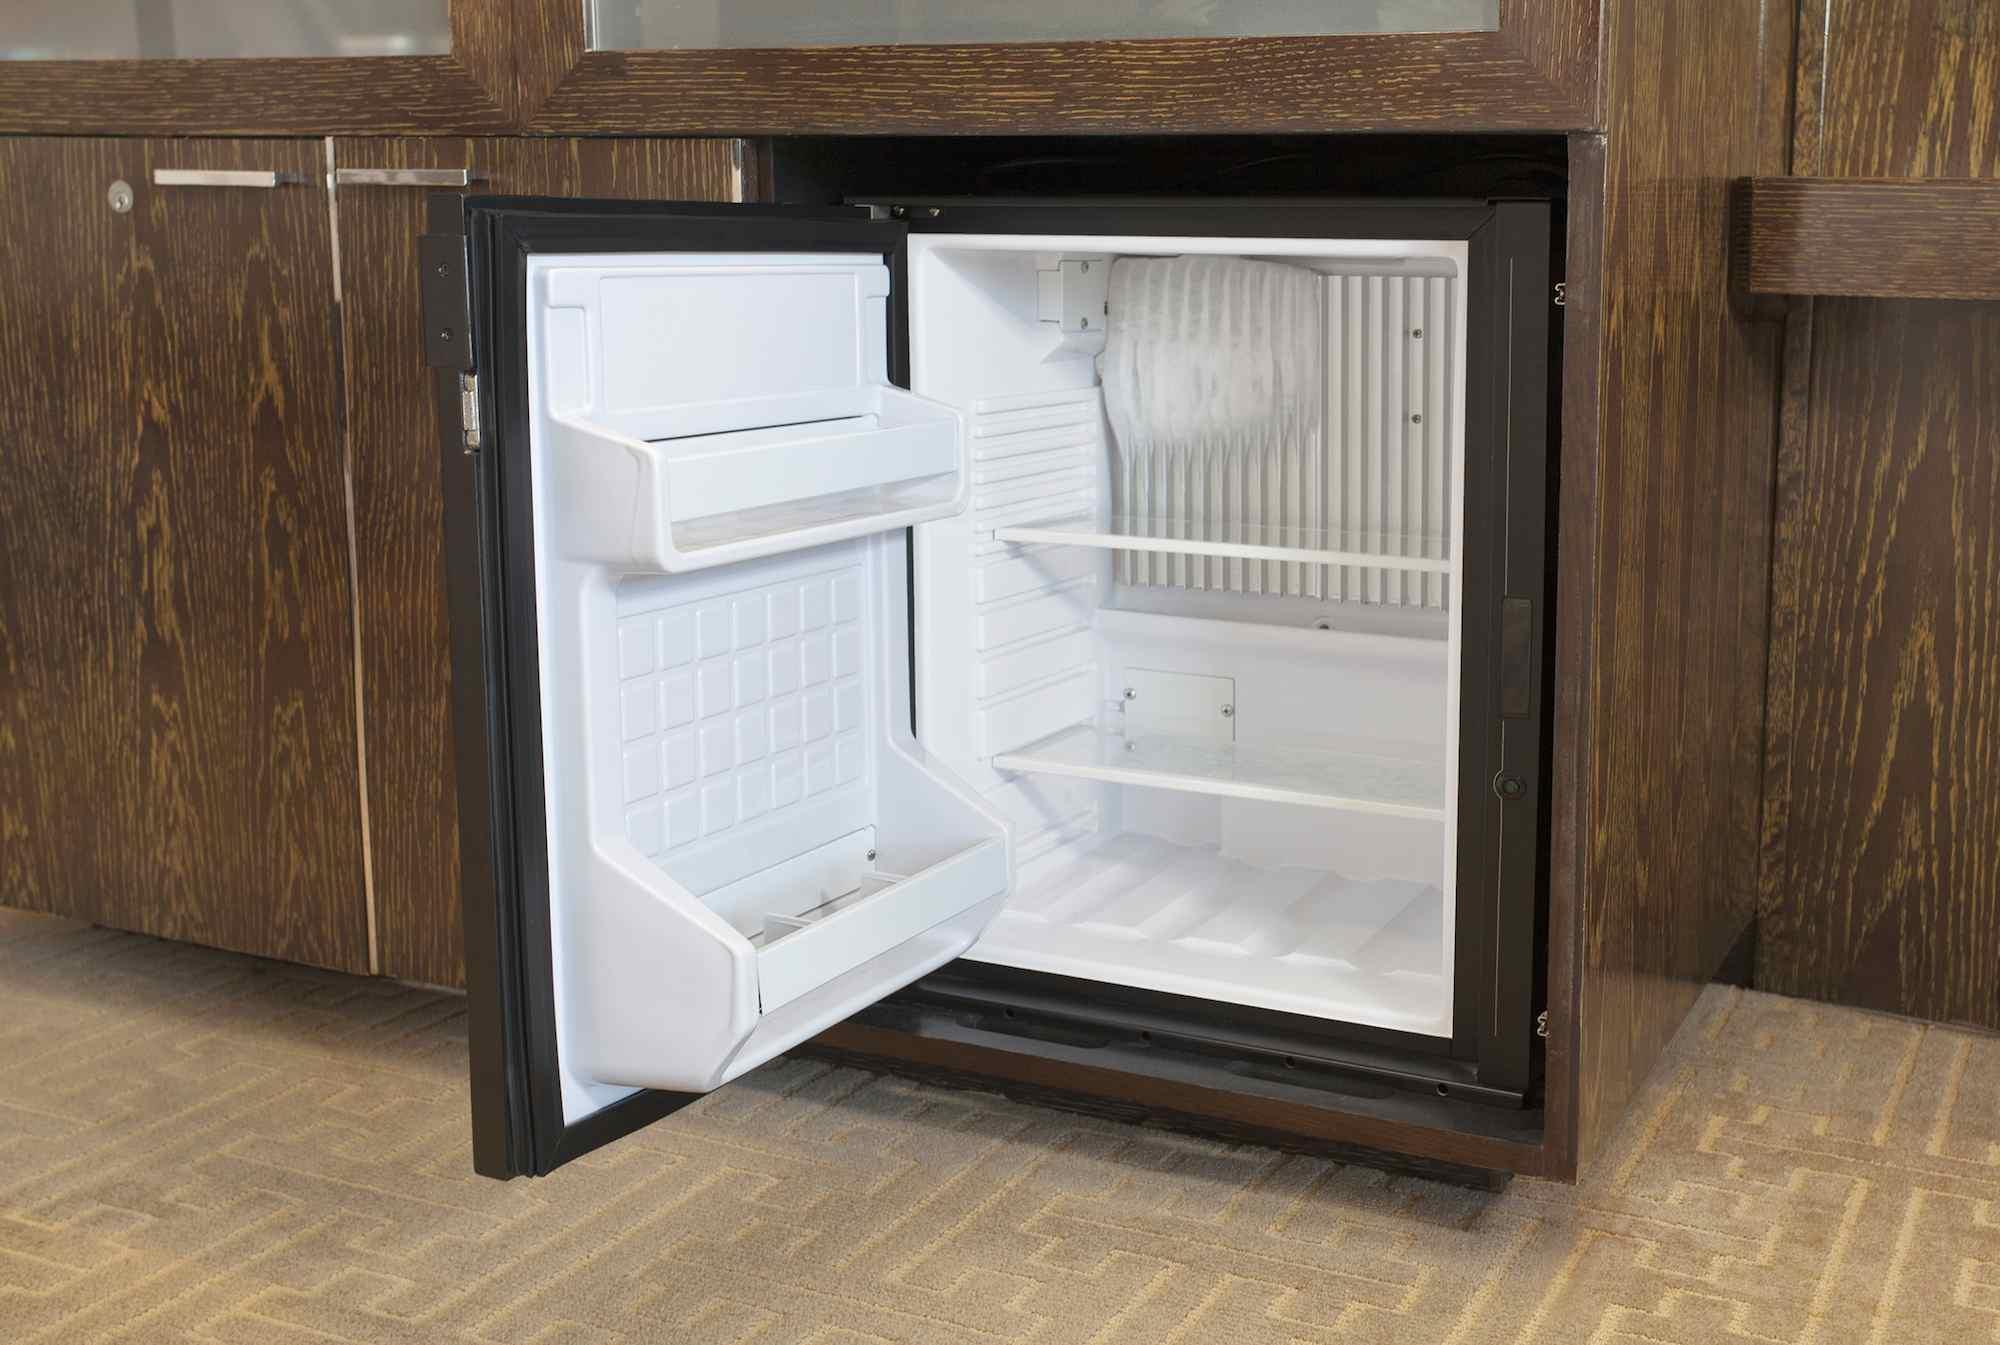 Μικρό ψυγείο